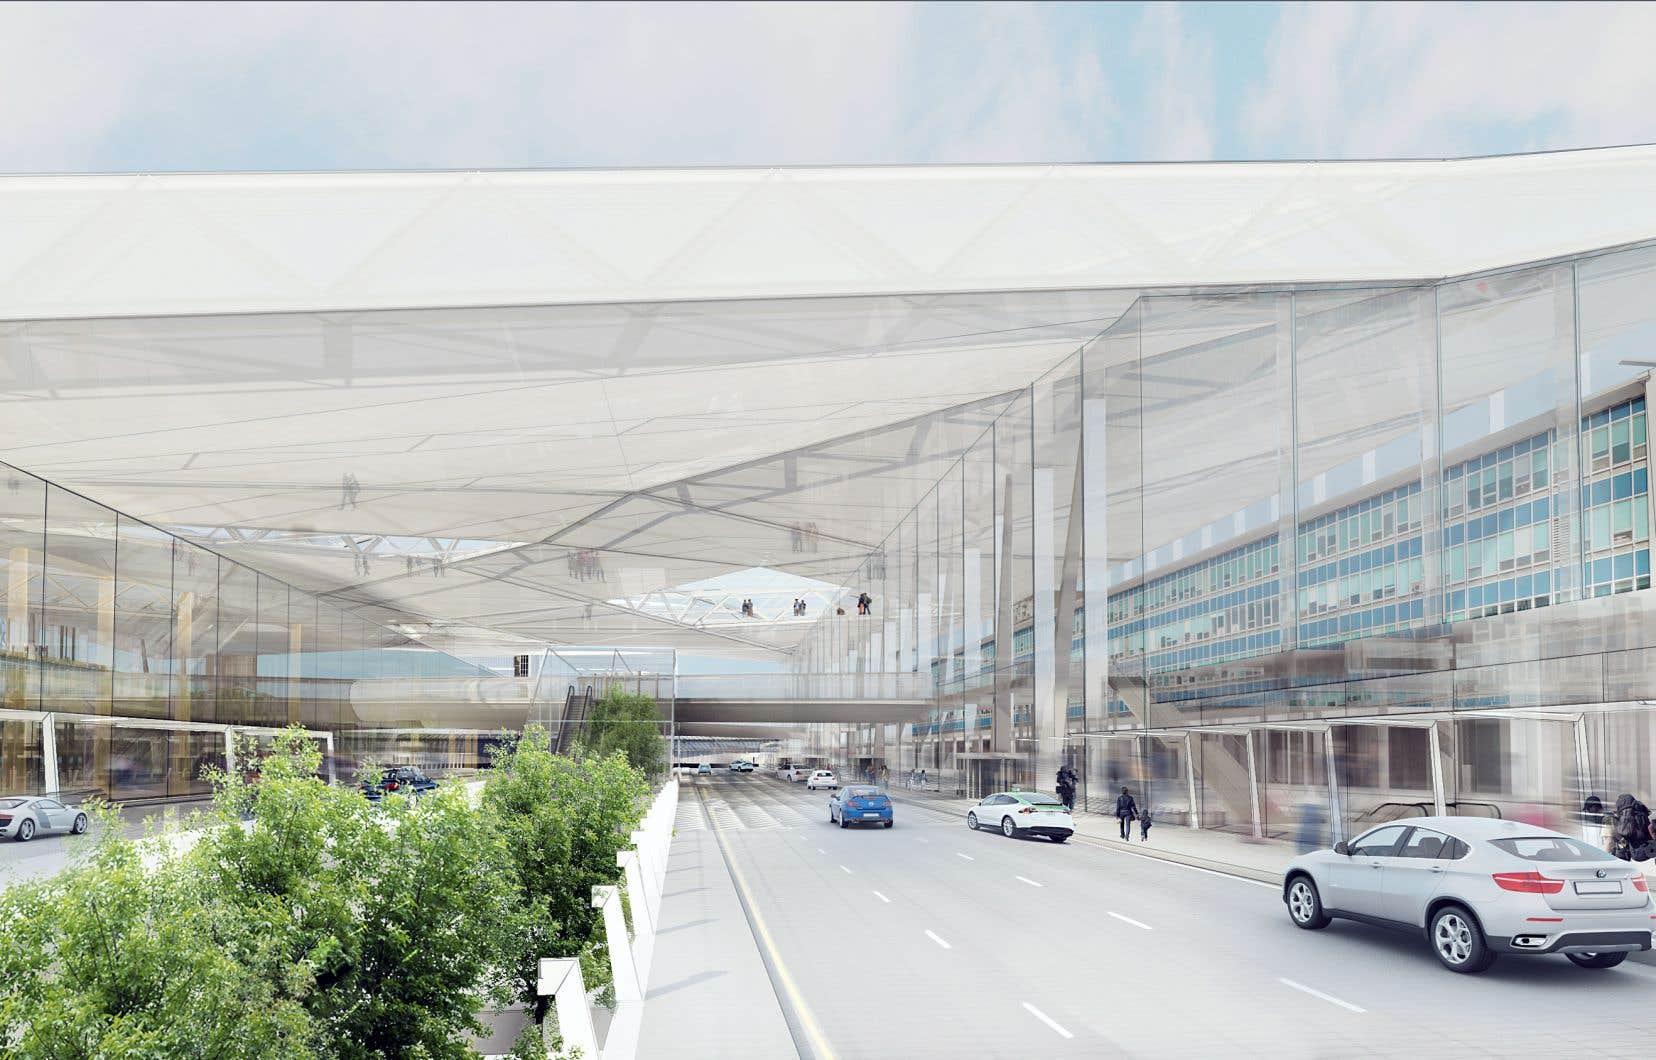 Le débarcadère, que la direction de l'aéroport promet «plus fluide», se trouvera désormais sous un toit de verre.